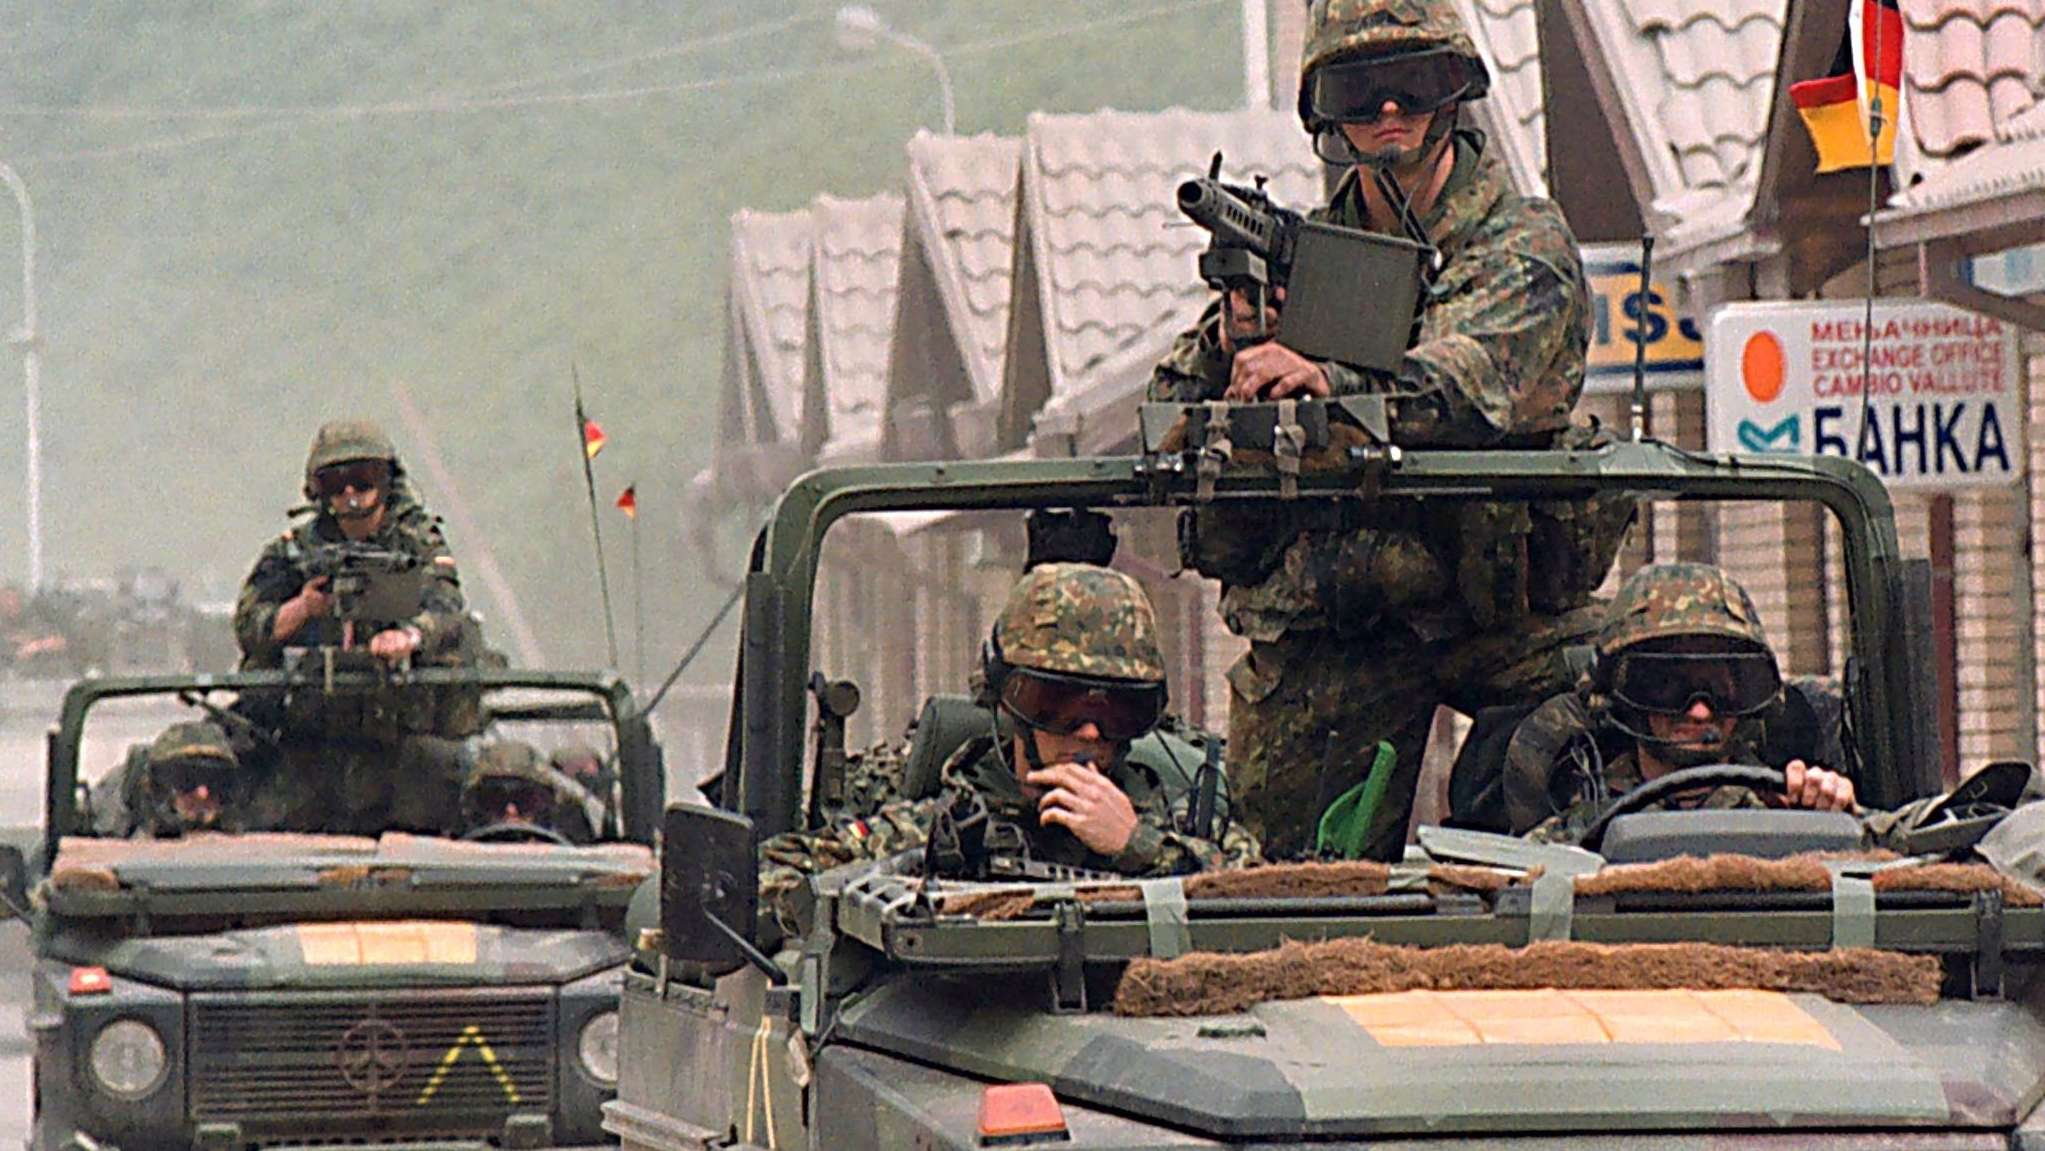 Ein Konvoi der Bundeswehr fährt durch den jugoslawischen Ort Djeneral Jankovic am 12.6.1999